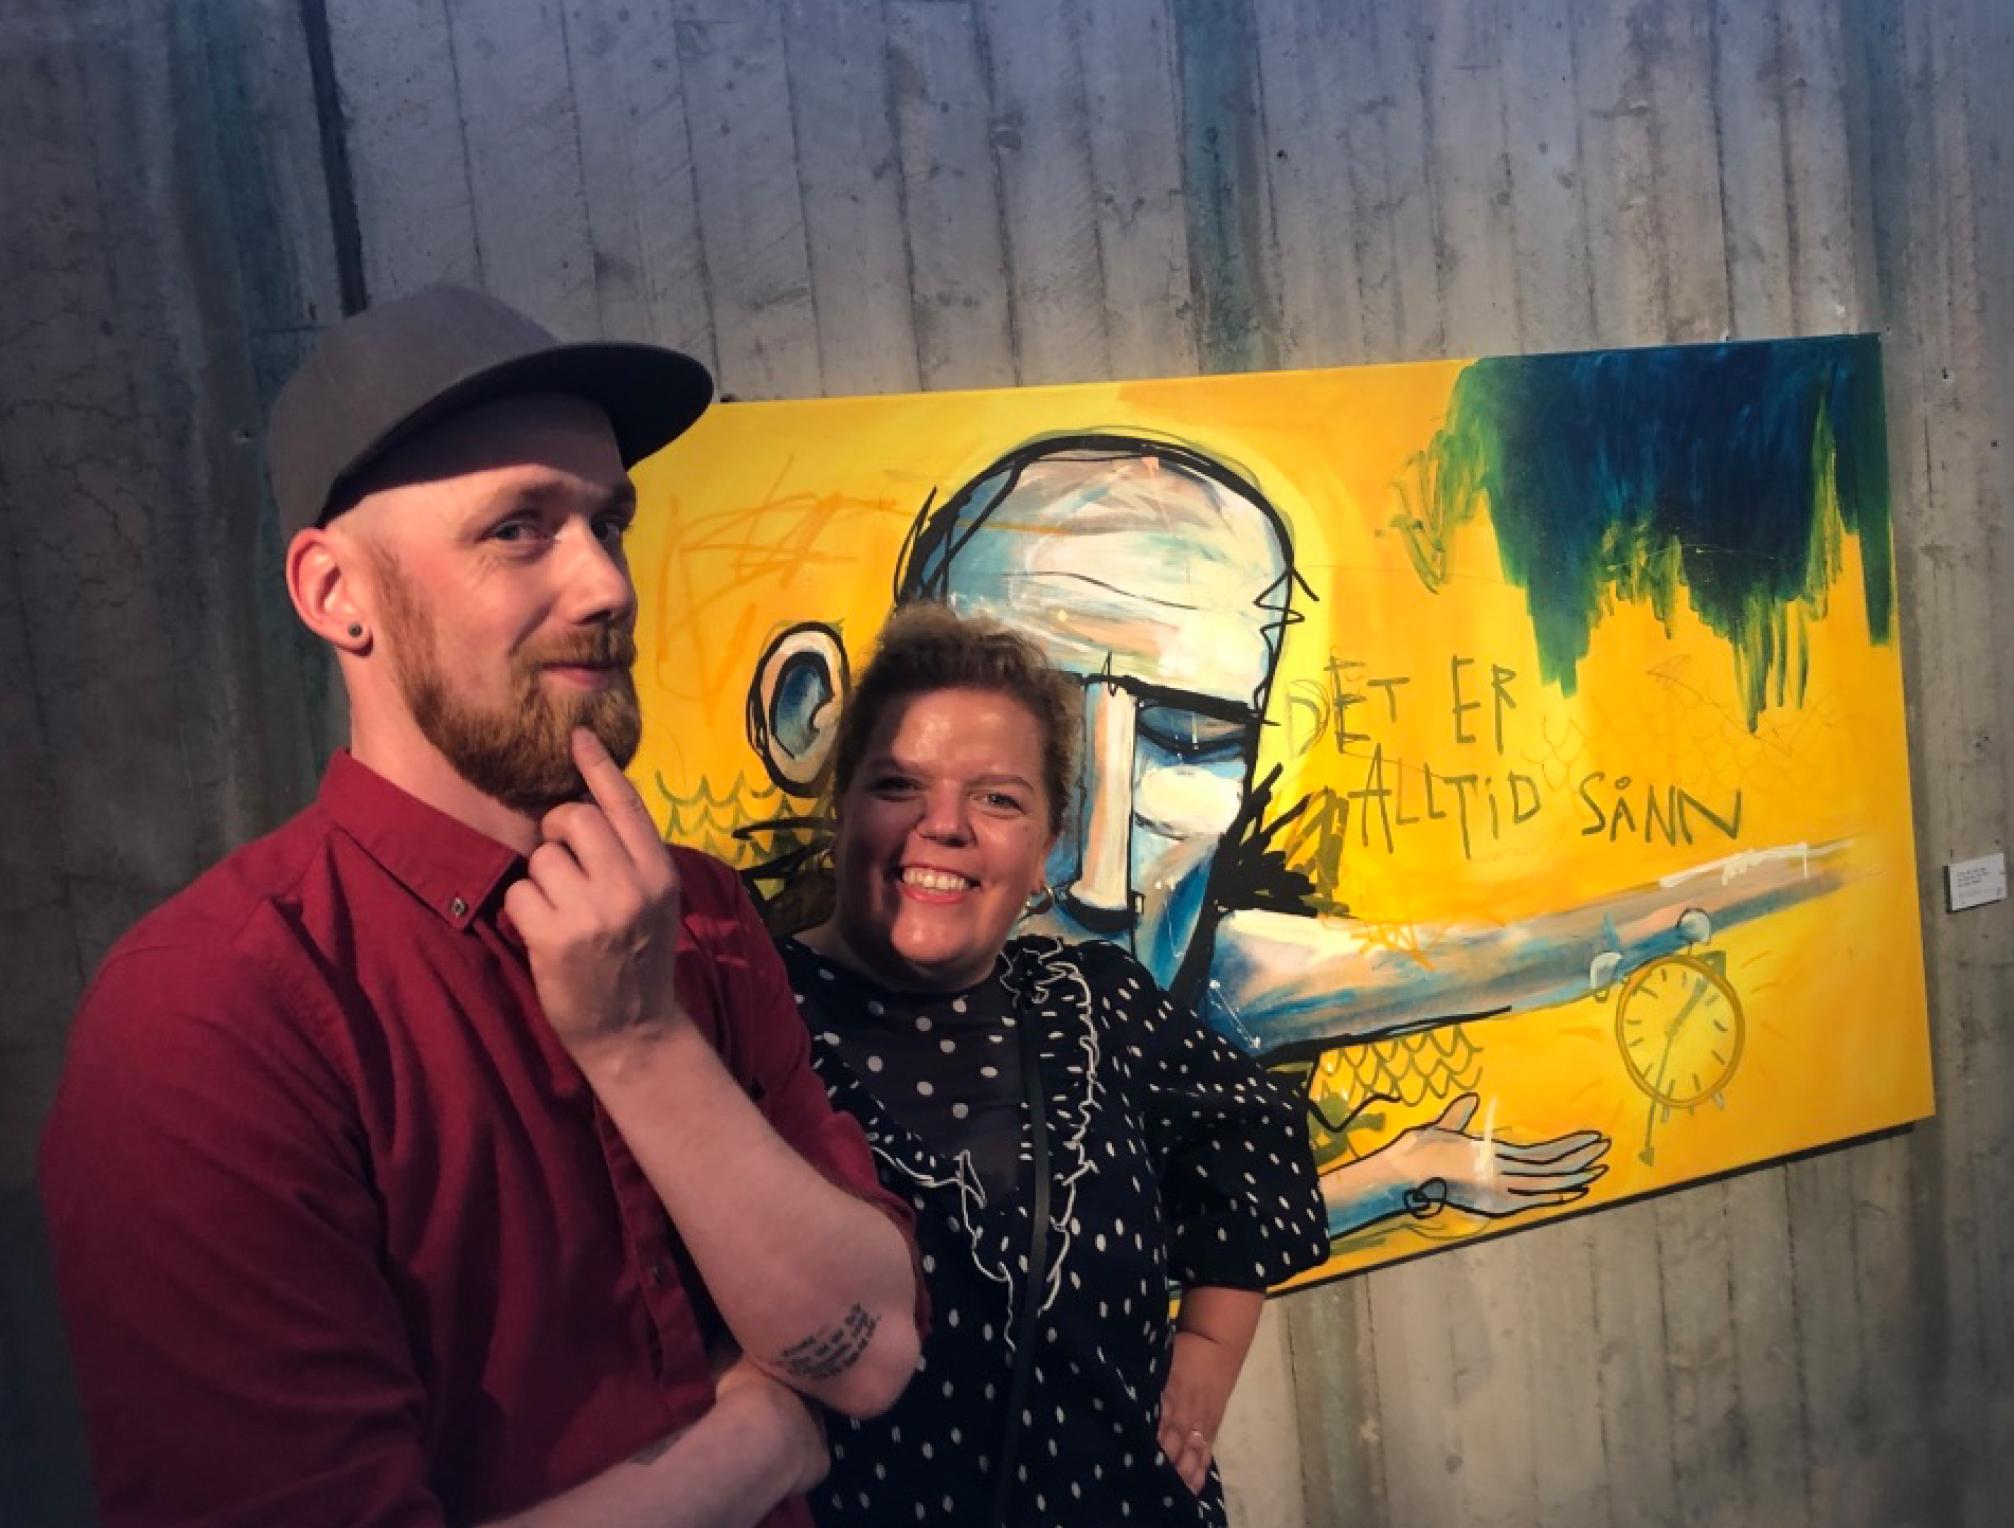 """Ekstra gøy også selvsagt at Else fikk serigrafiet """"Karusellen"""" av SNK."""